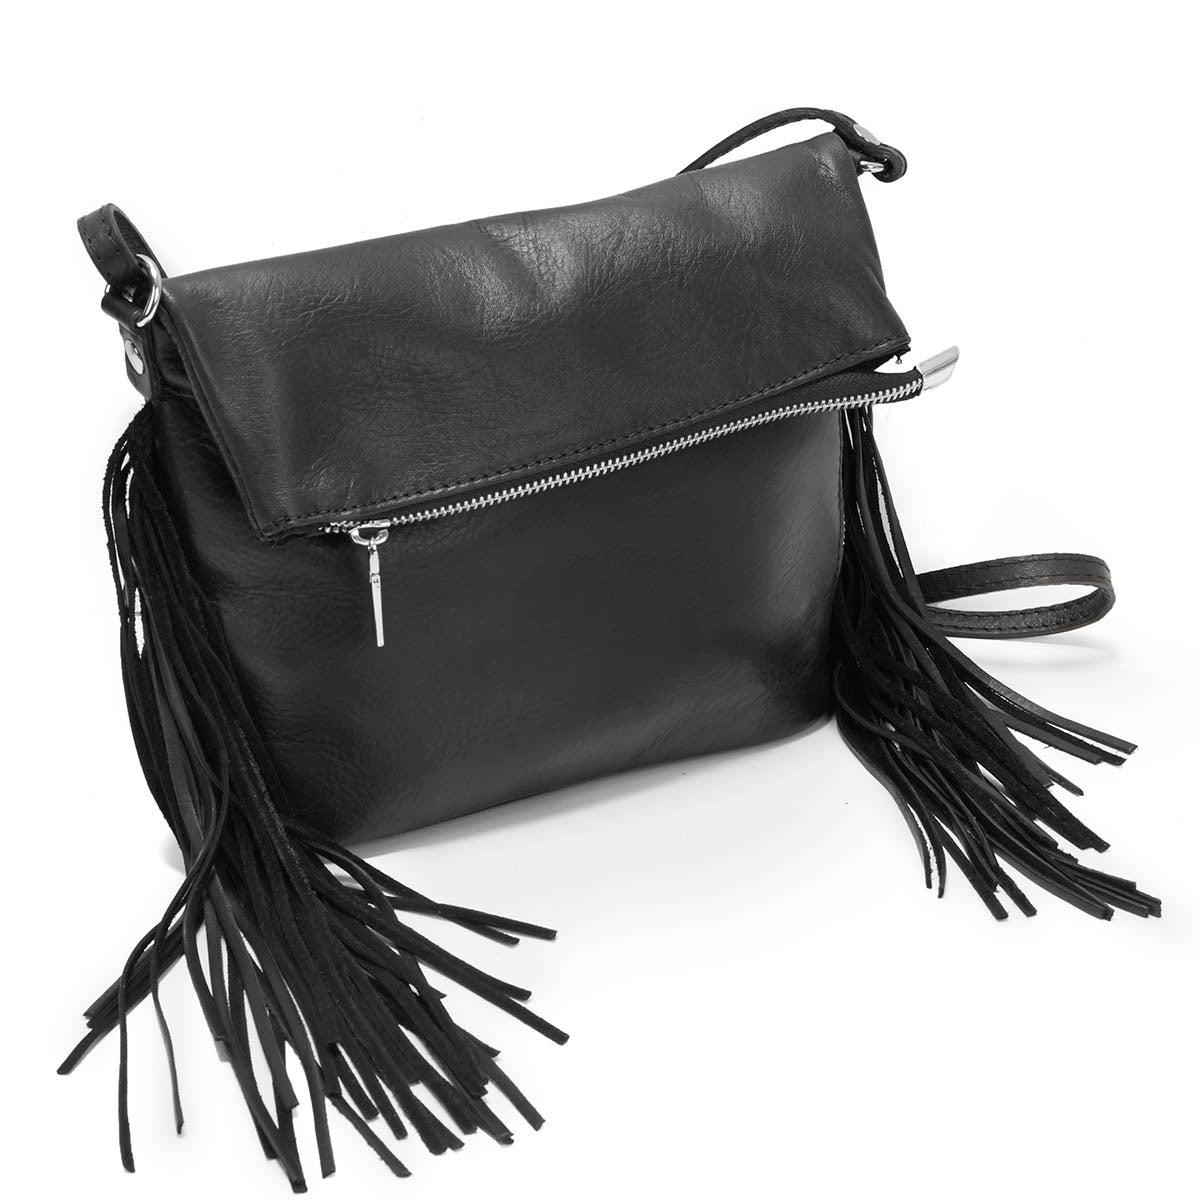 Lds black fringe detail tote handbag